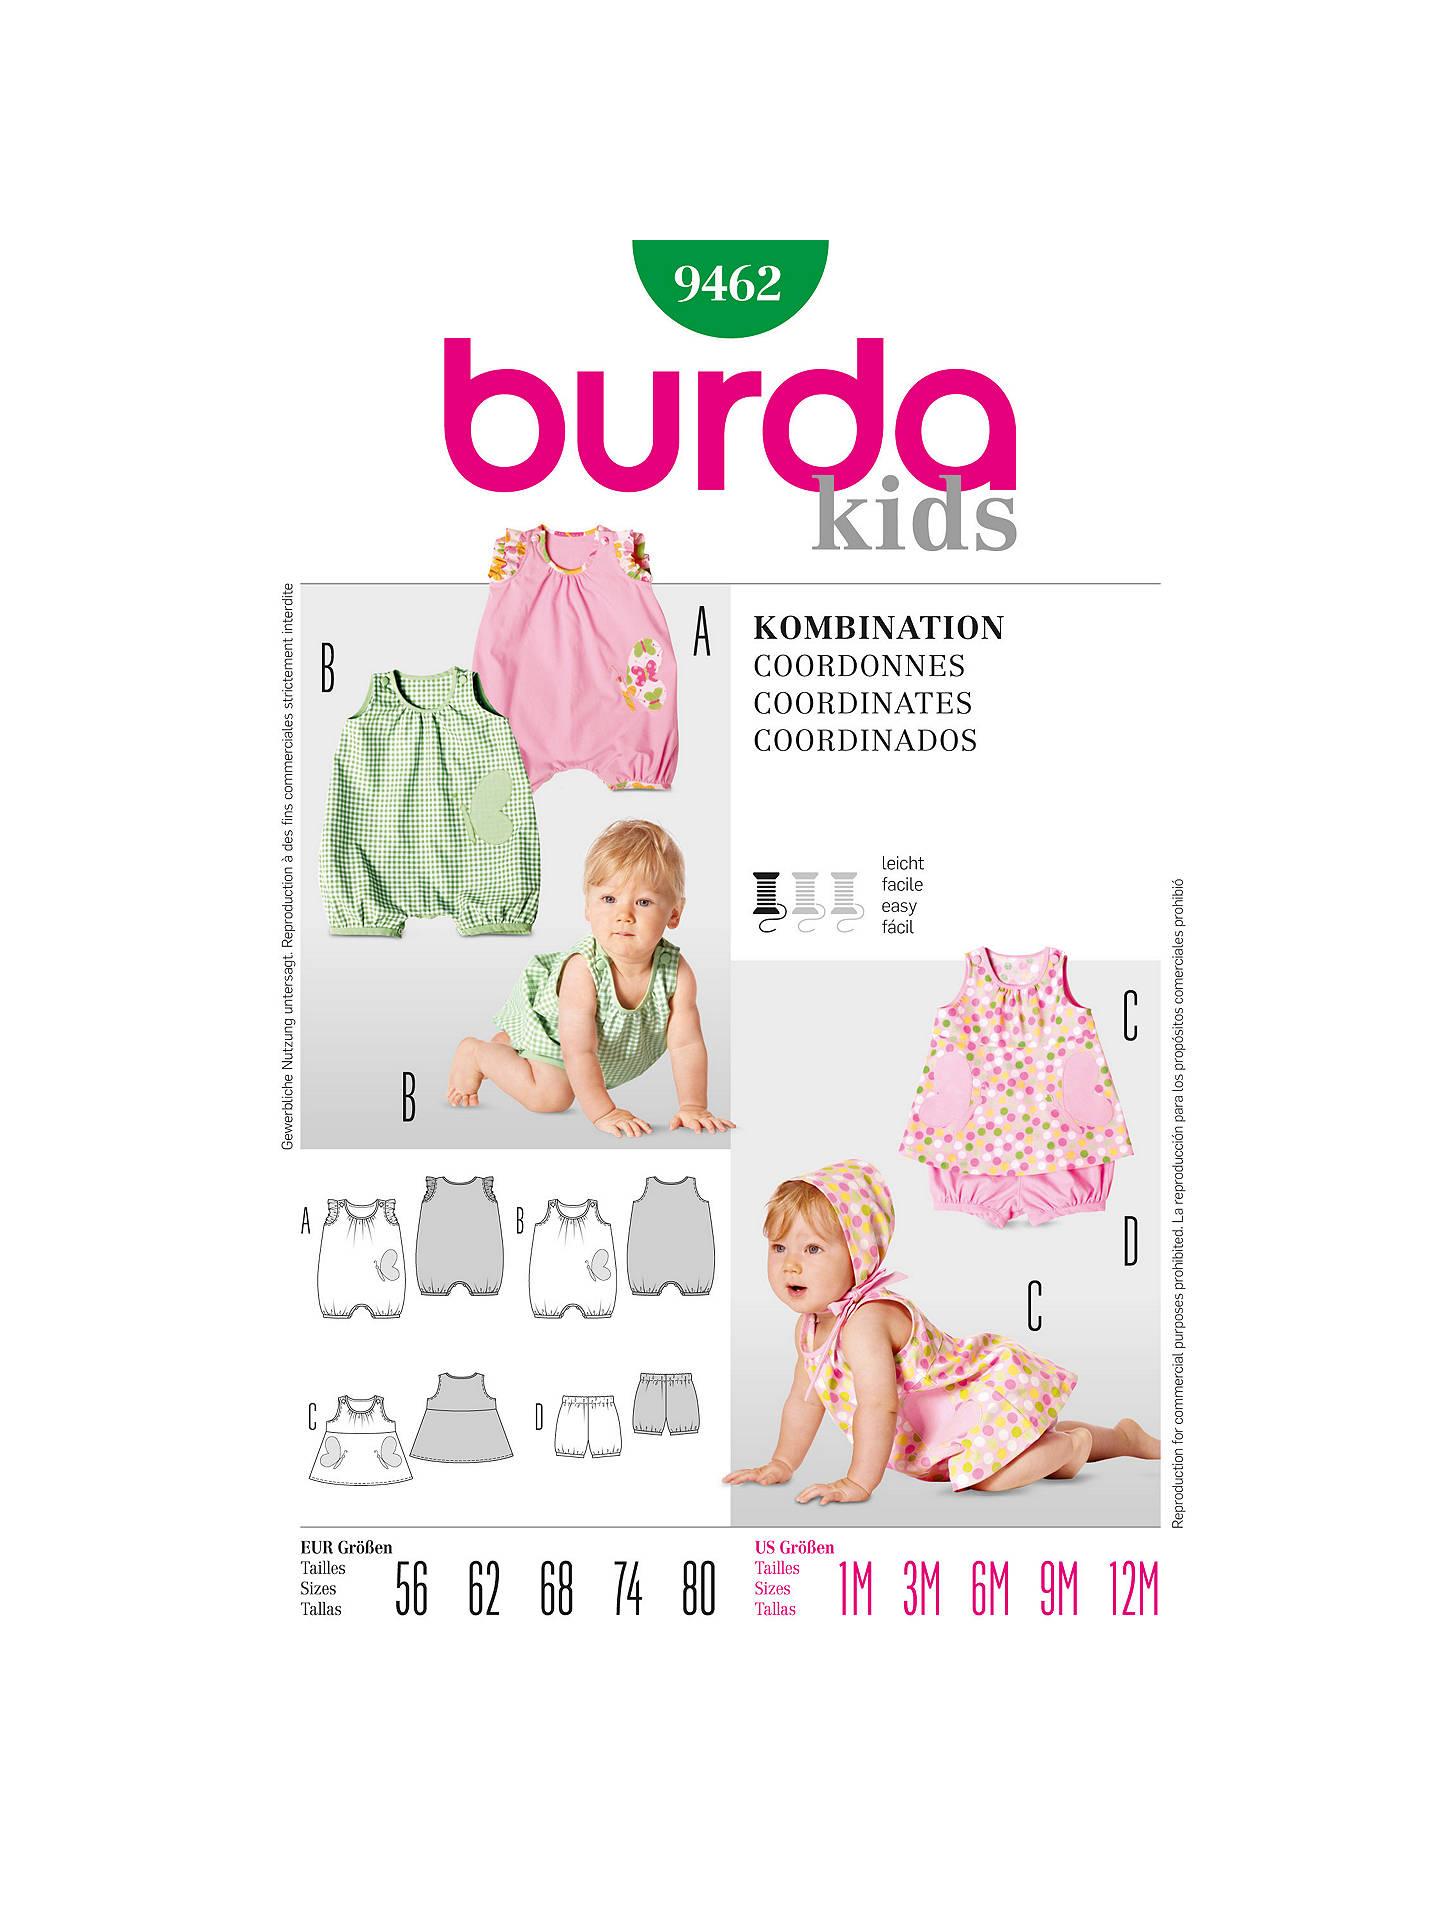 Burda Baby Onesie Sewing Pattern, 9462 at John Lewis & Partners